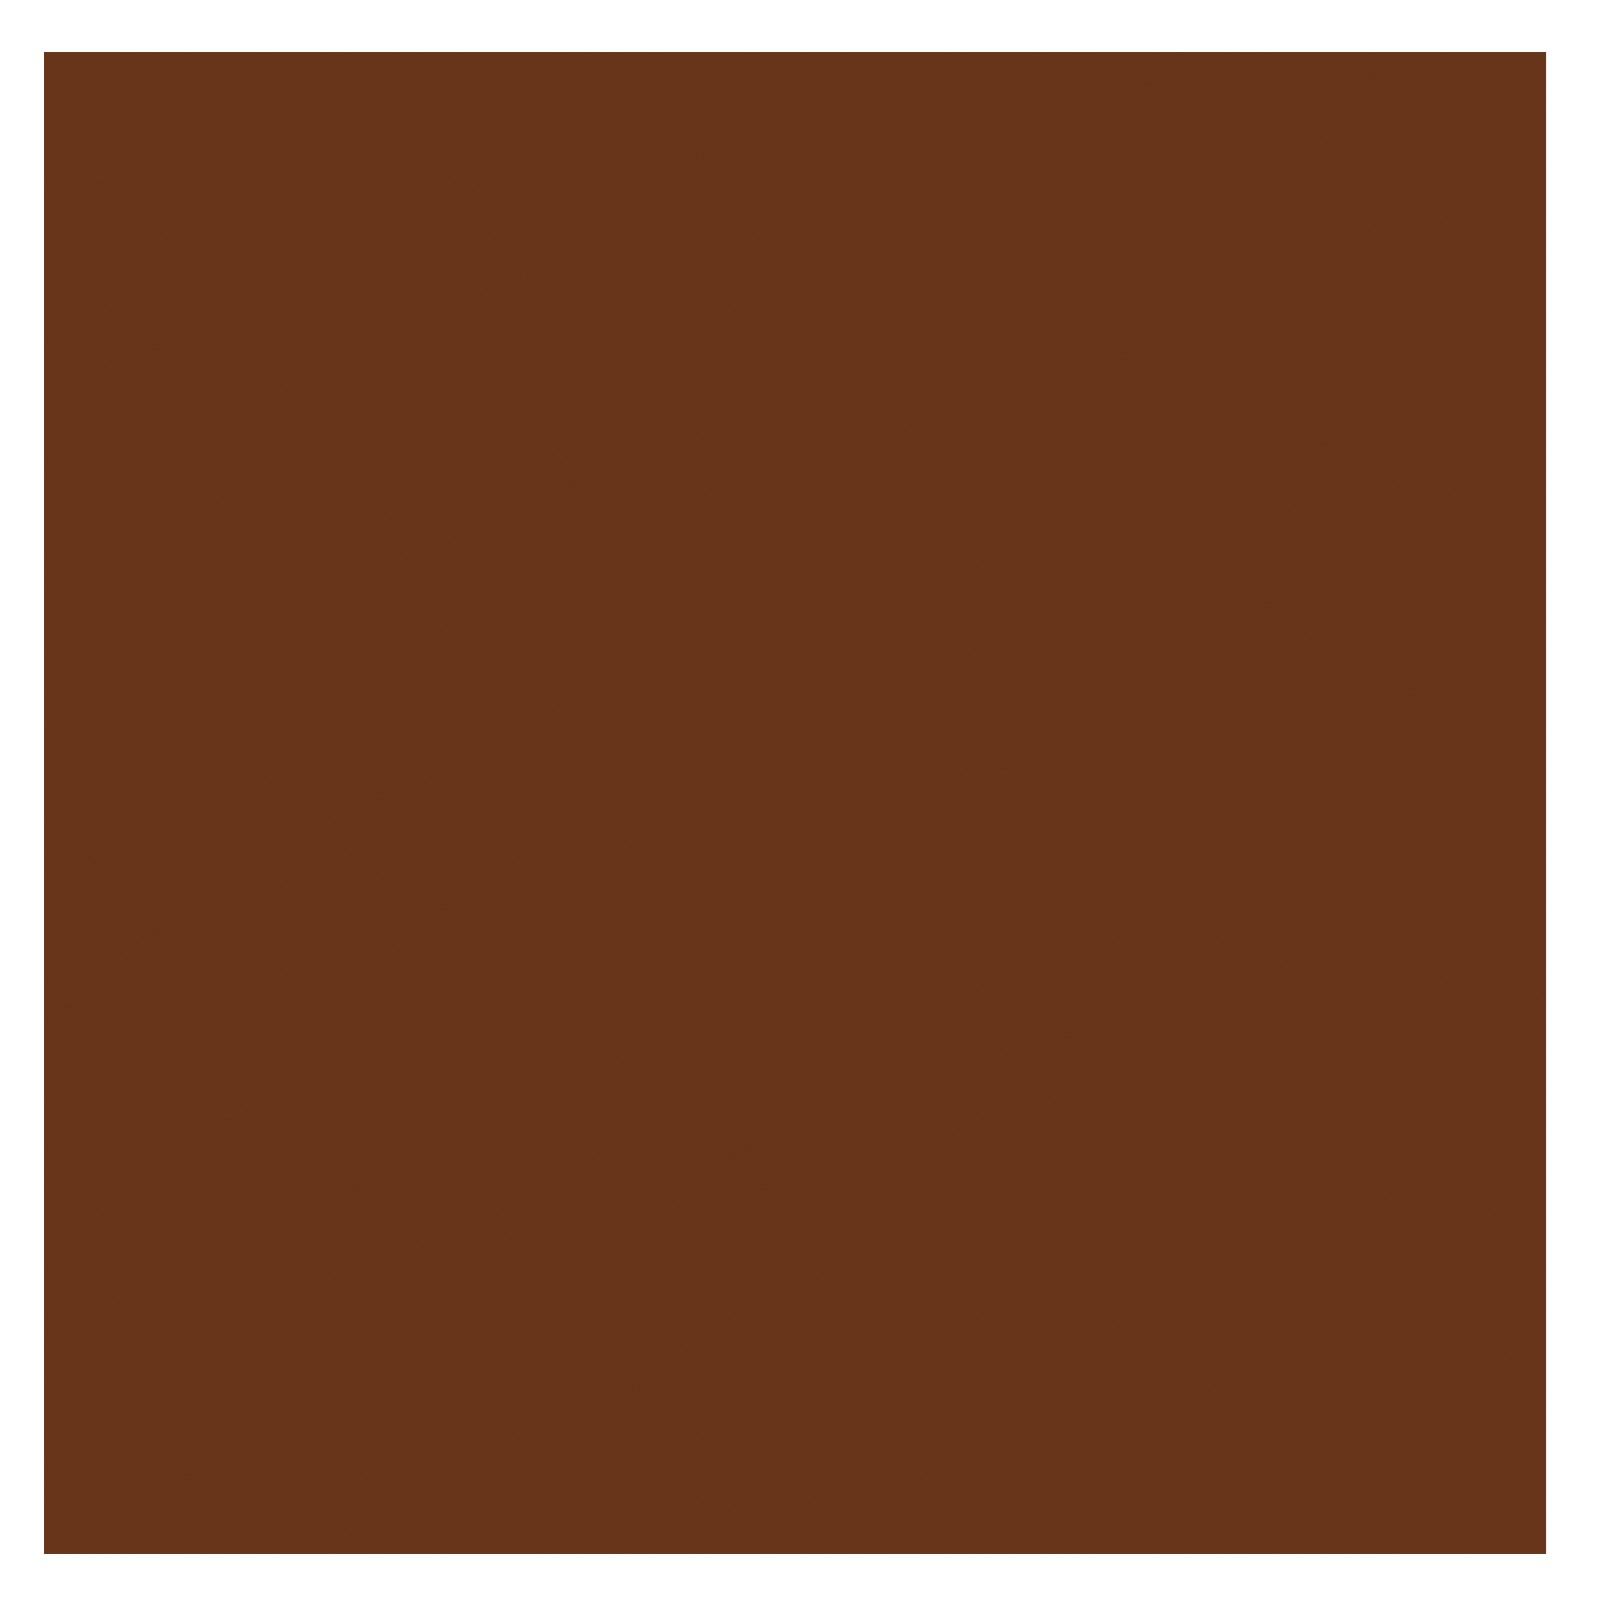 Chocolate Brown Jumbo Gift Wrap | BirthdayExpress.com